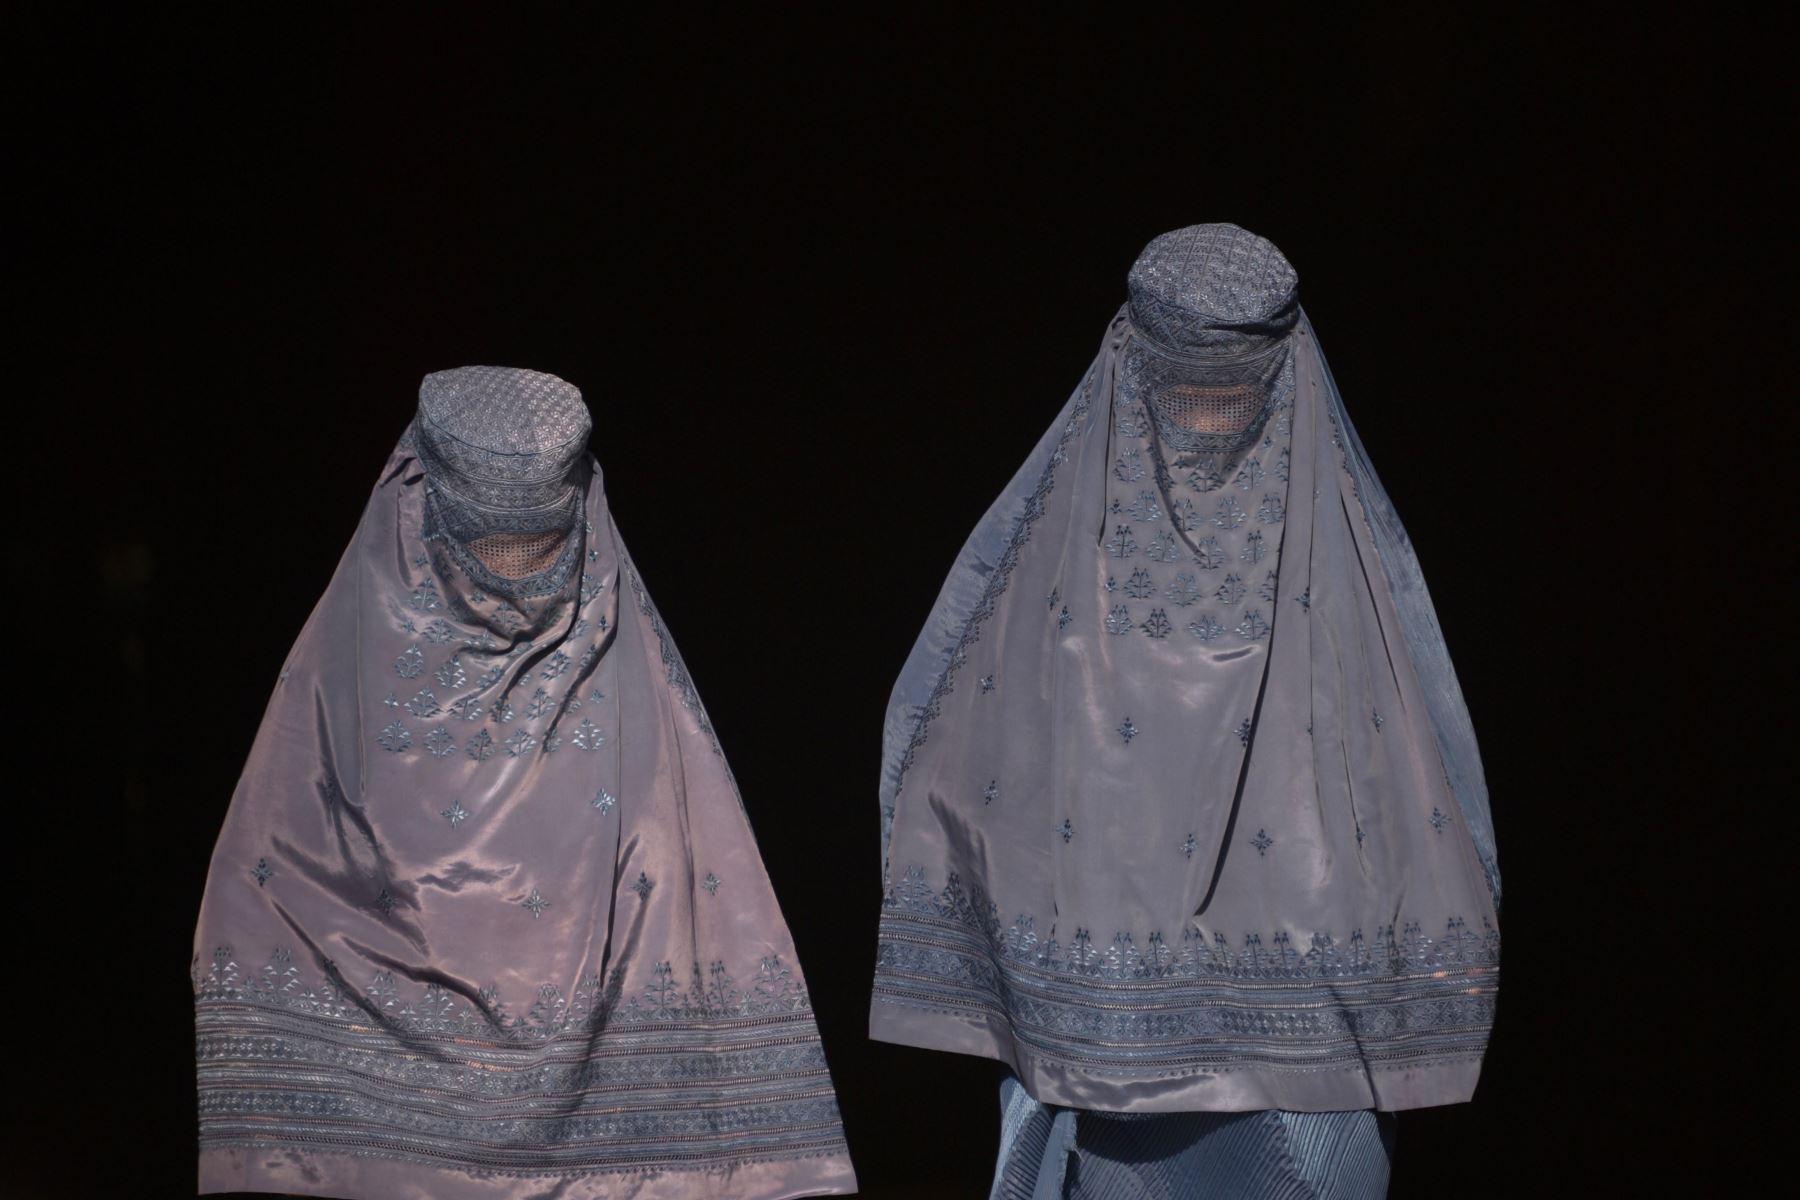 Mujeres vestidas de burka afgano caminan cuando salen de una tienda en un mercado en Mazar-i-Sharif. Foto: AFP